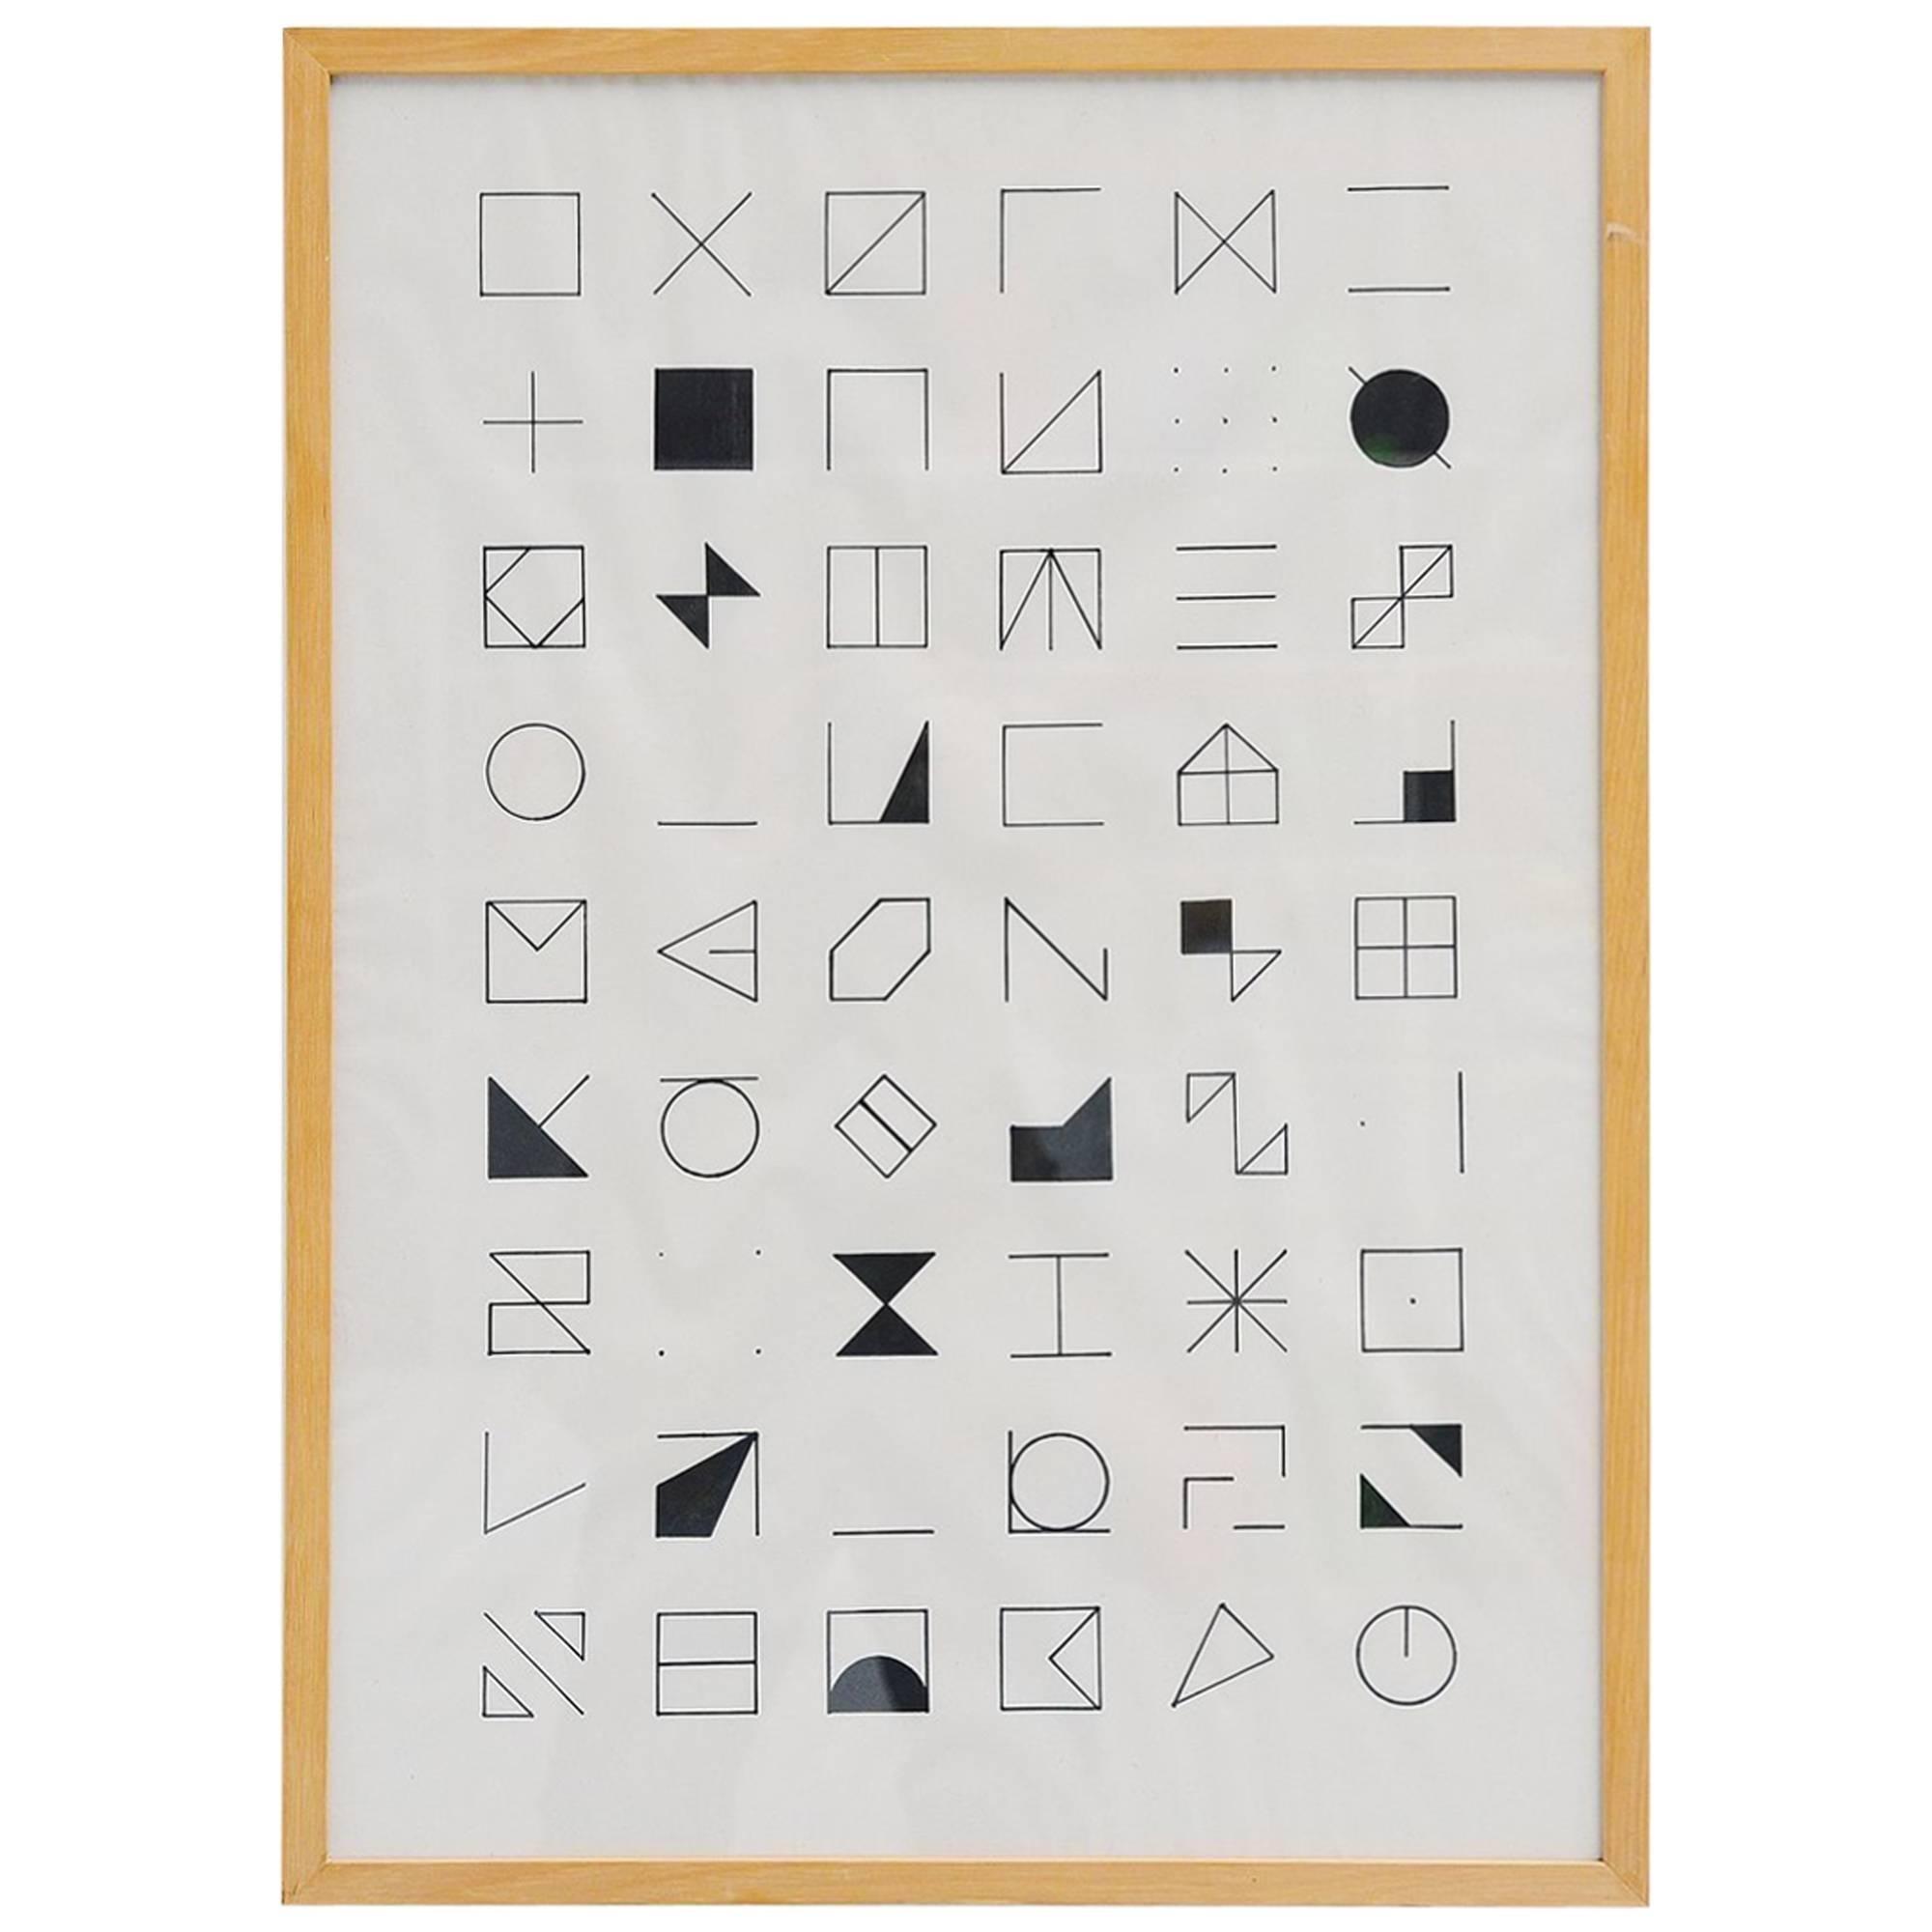 Anne Rose Regenboog Cubes Designs, Den Haag, 2016